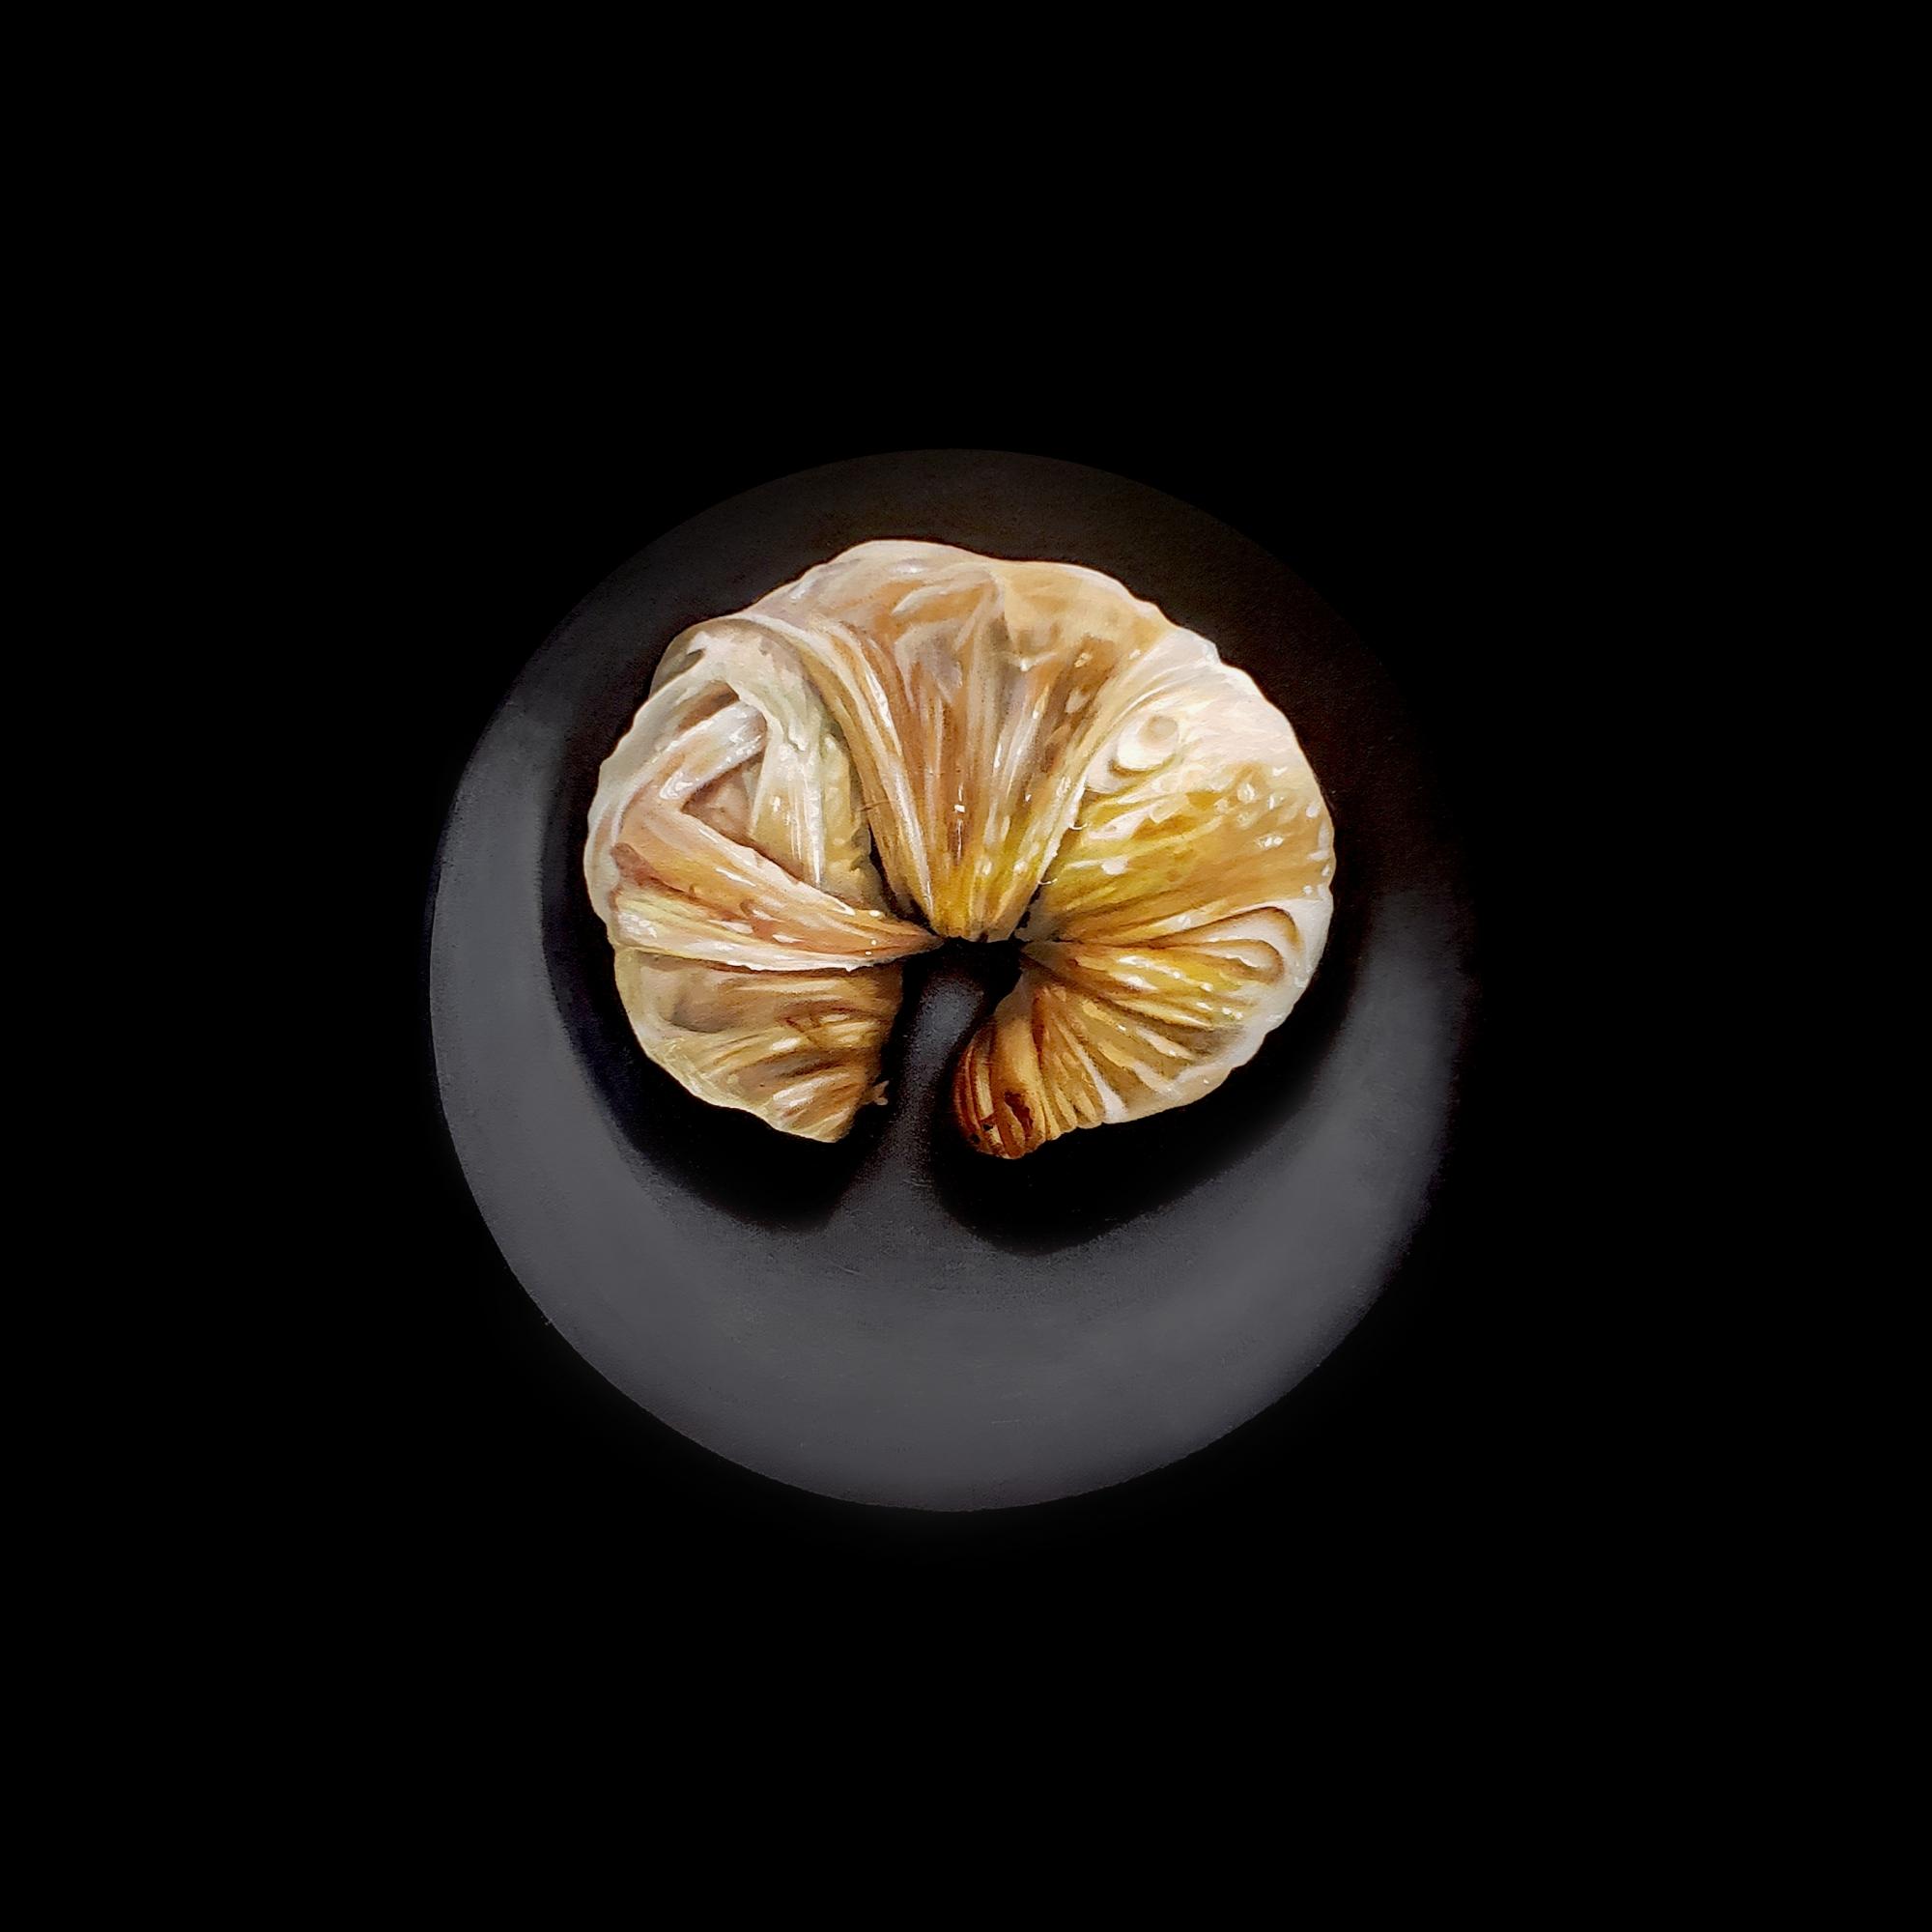 Croissant  by Erin Rothstein